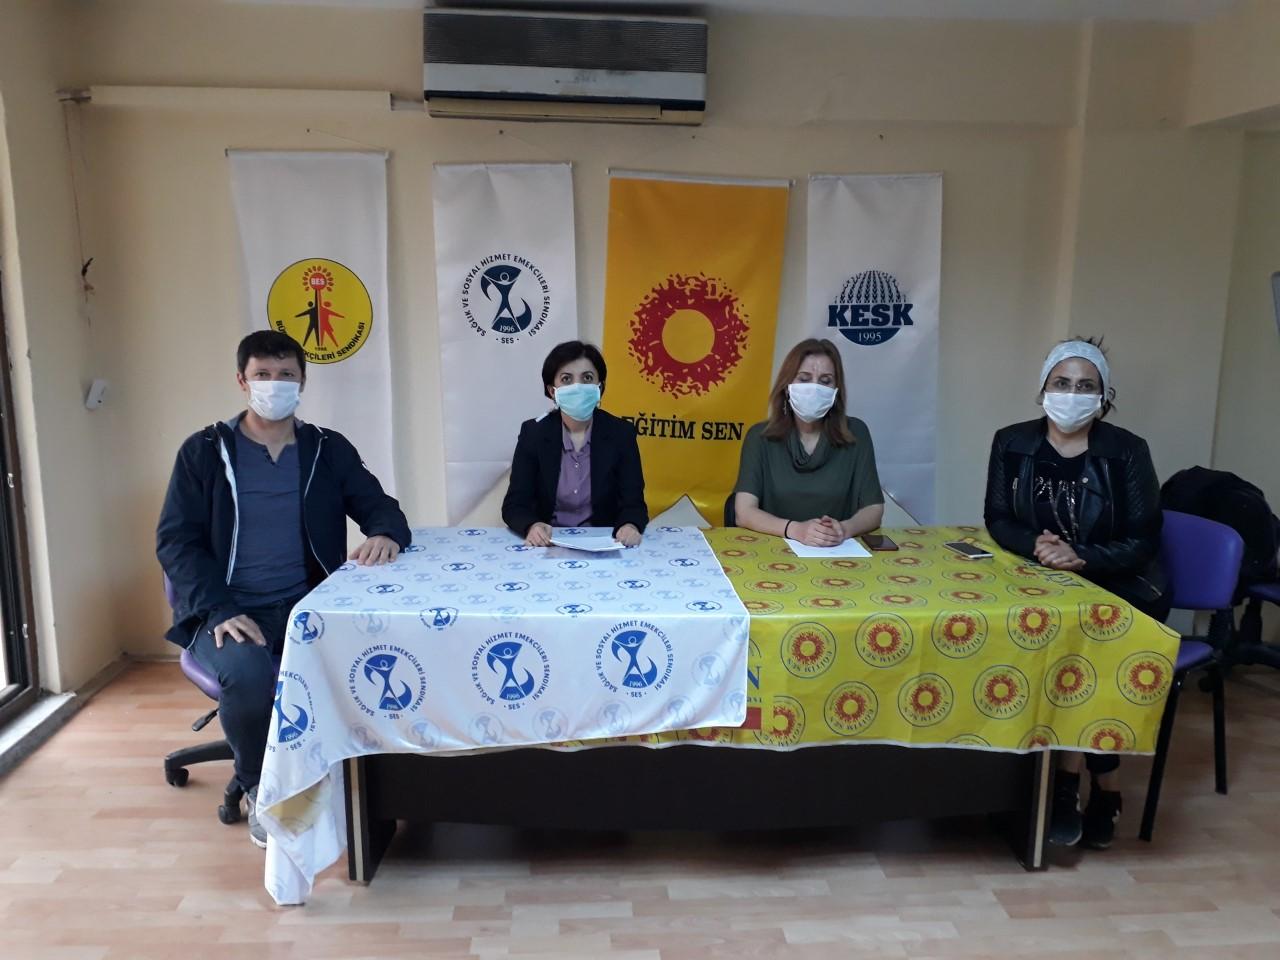 KESK Manisa Şubeler Platformu: Ayrımcı, Kadın ve Çocuk Düşmanı İnfaz Yasası'nı Kabul Etmiyoruz!